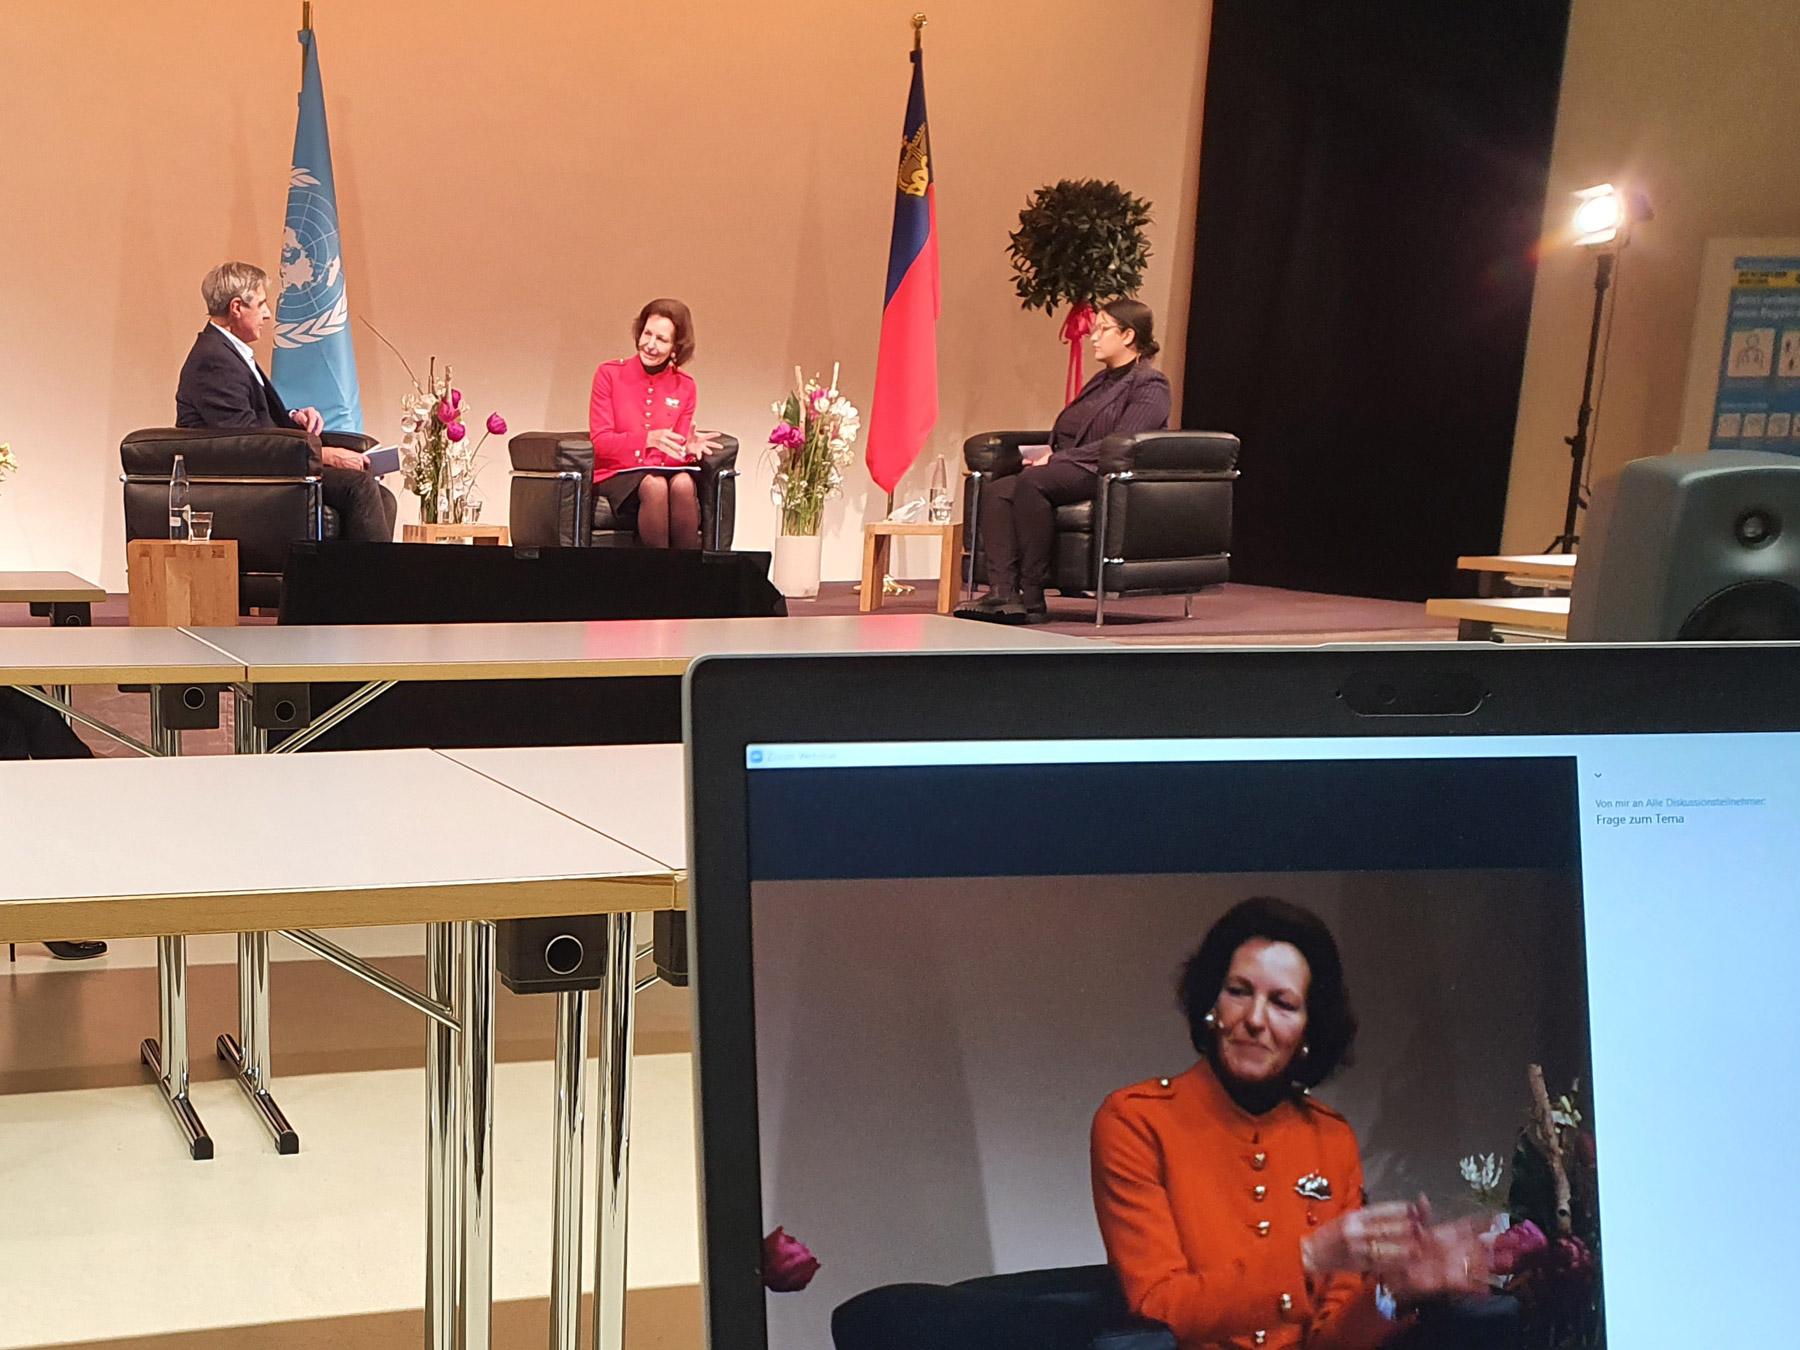 """Livestream des Vortrags der Präsidentin des Menschenrechtsrats der Vereinten Nationen, Elisabeth Tichy-Fisslberger zum Thema """"Menschenrechte im Rahmen der UNO"""""""